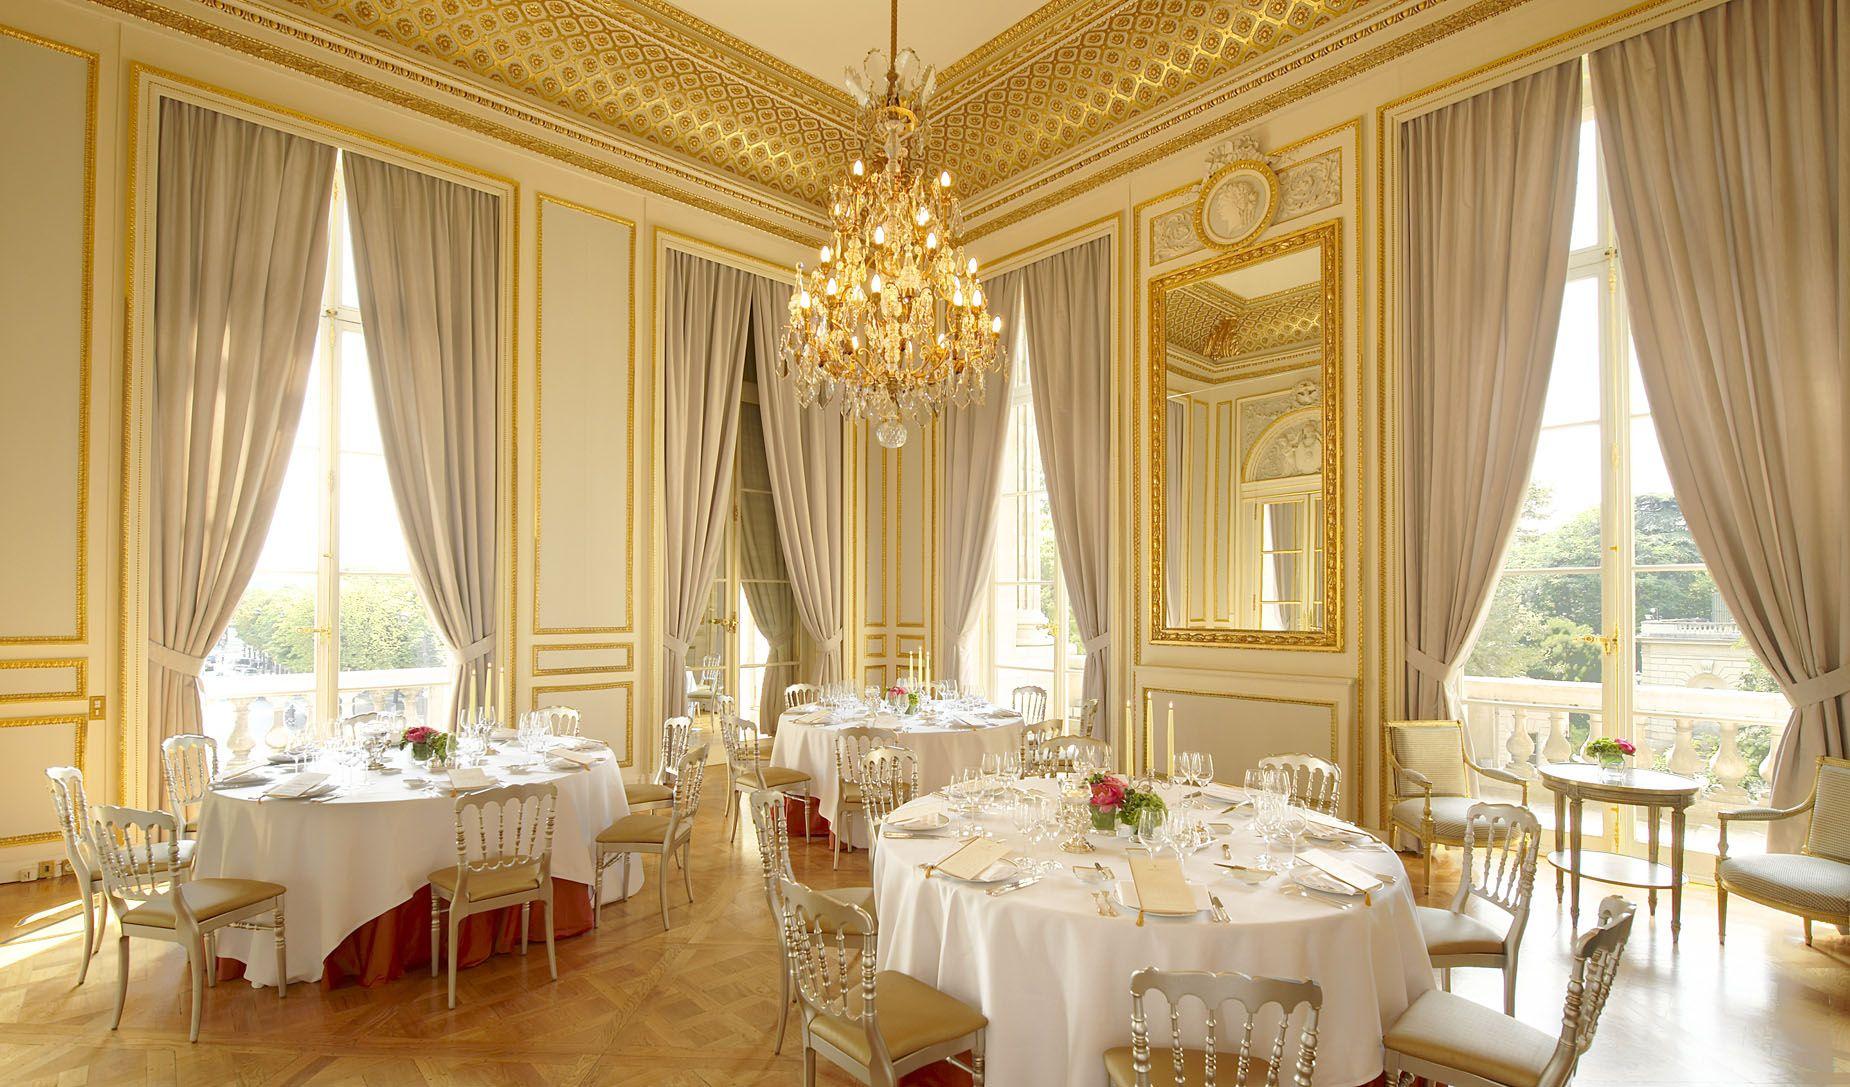 hotel crillon paris - Buscar con Google